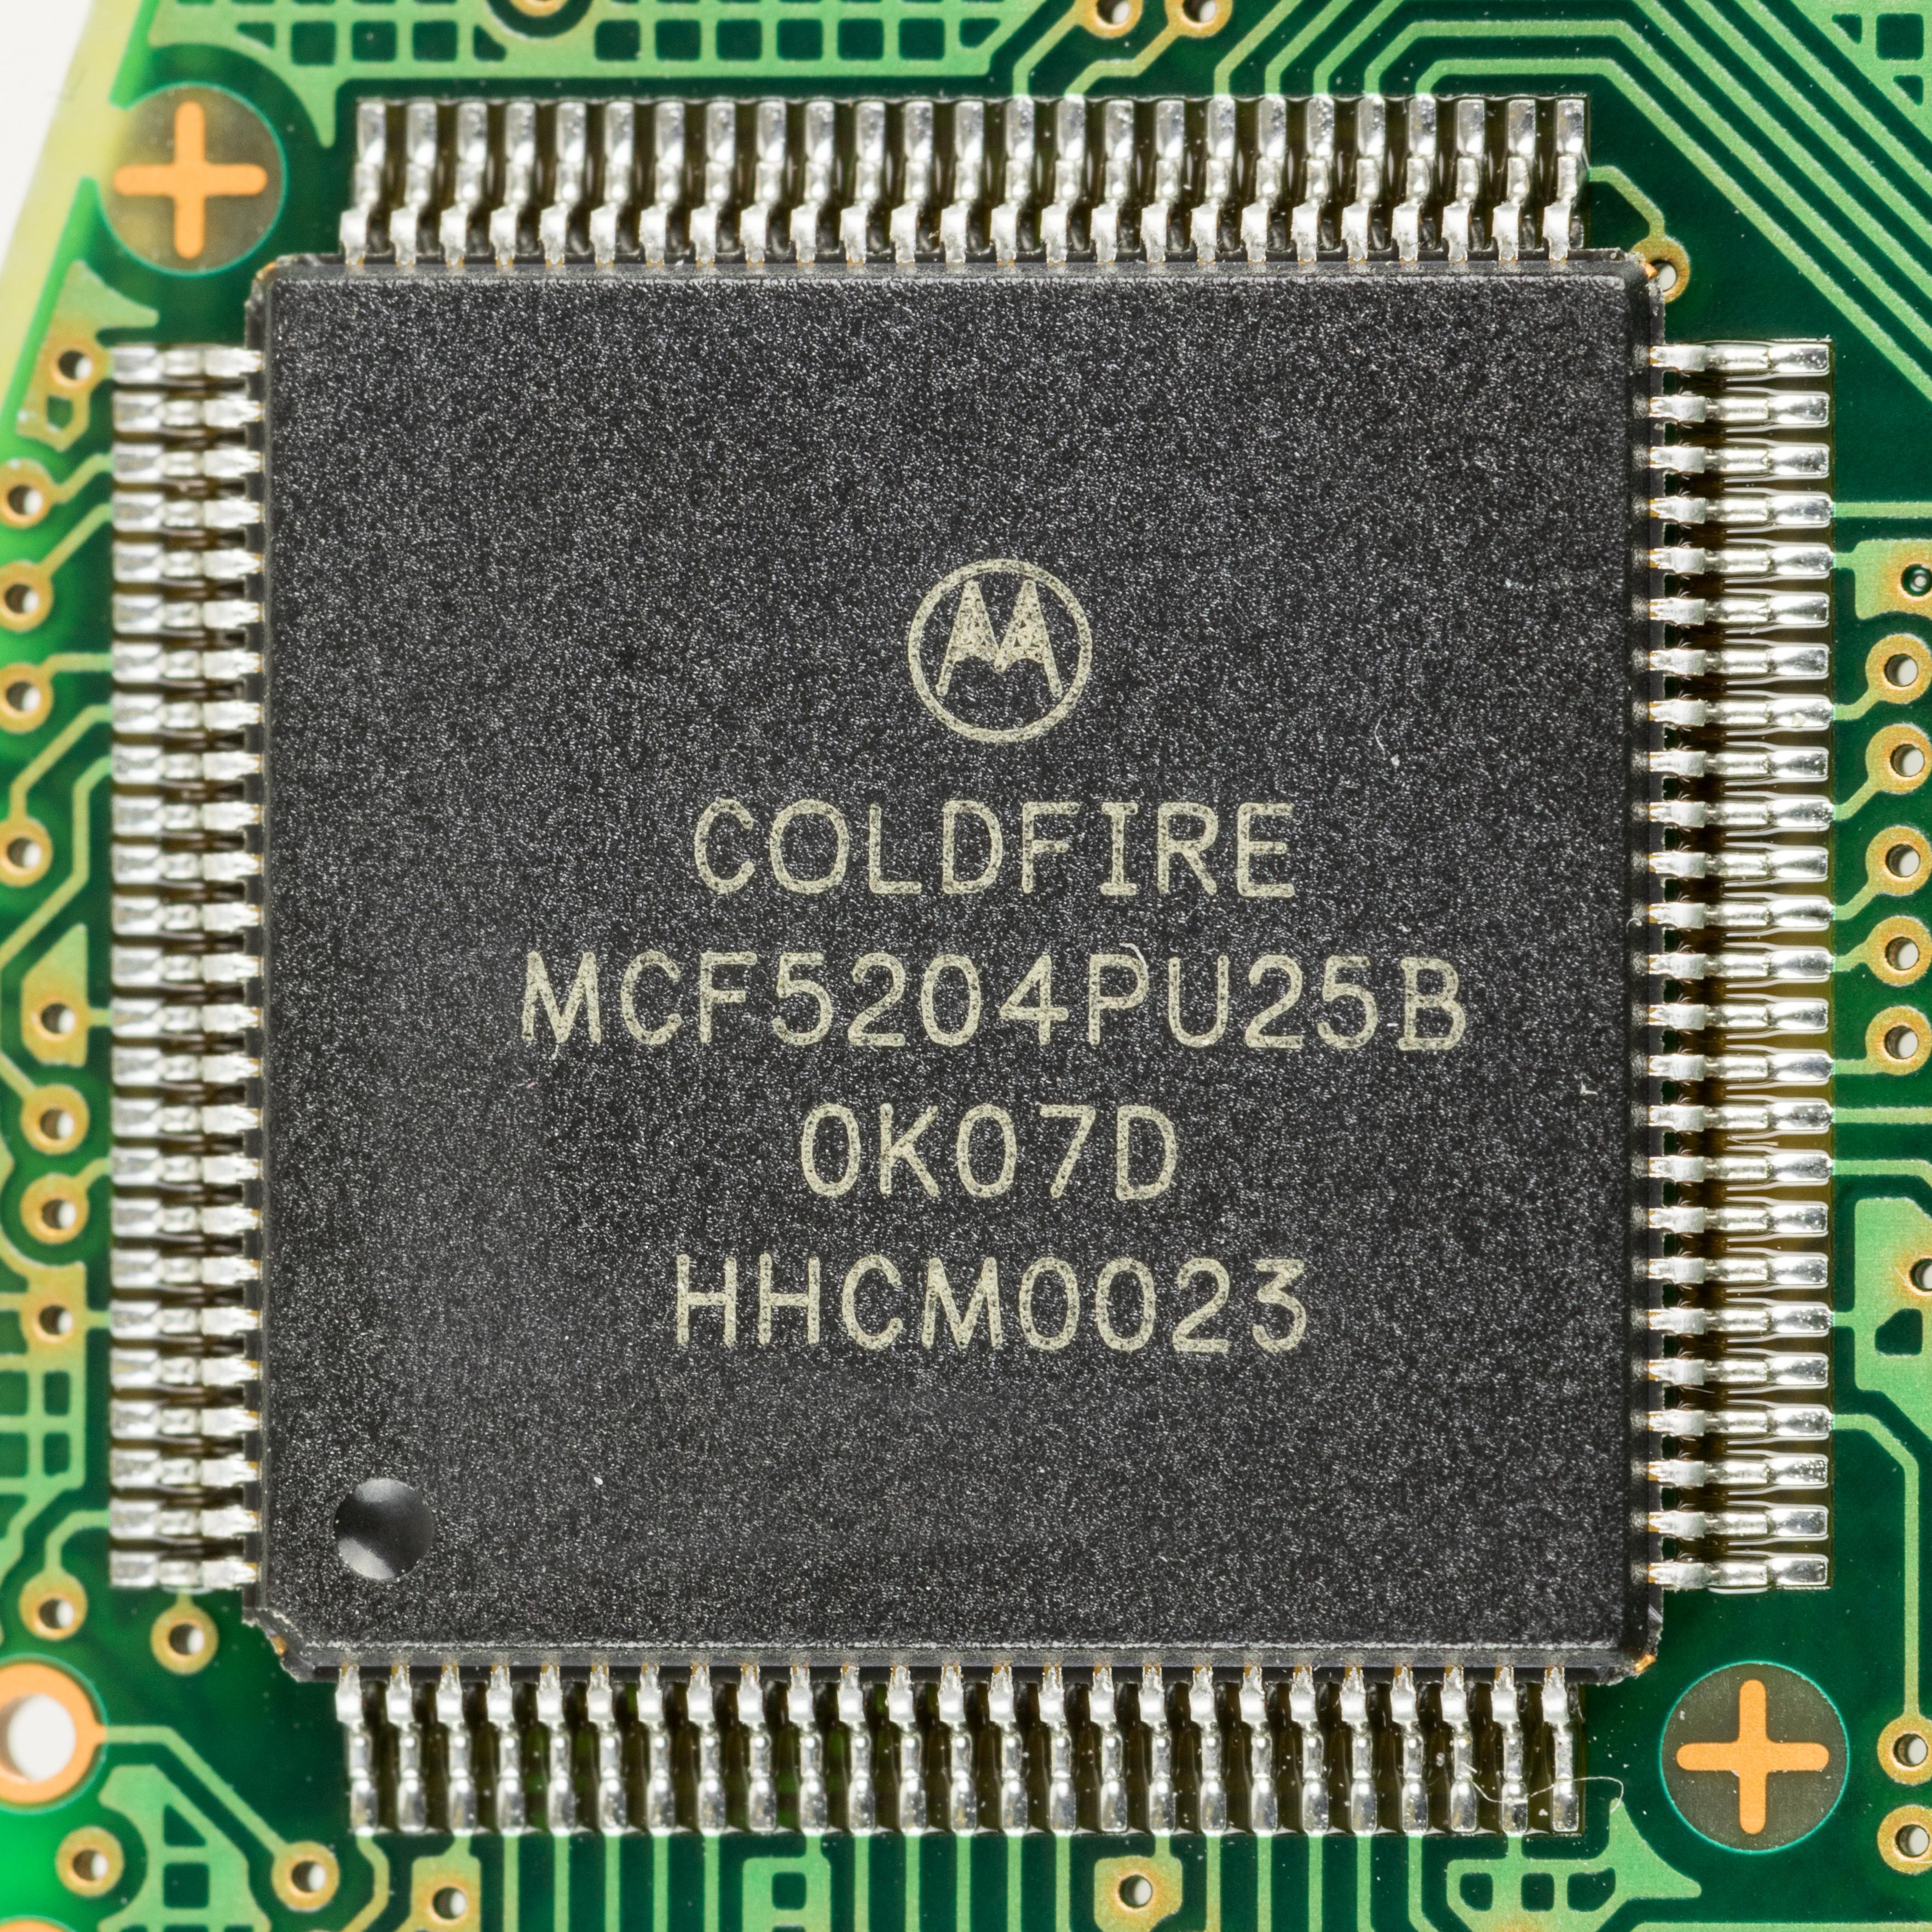 NXP ColdFire - Wikipedia